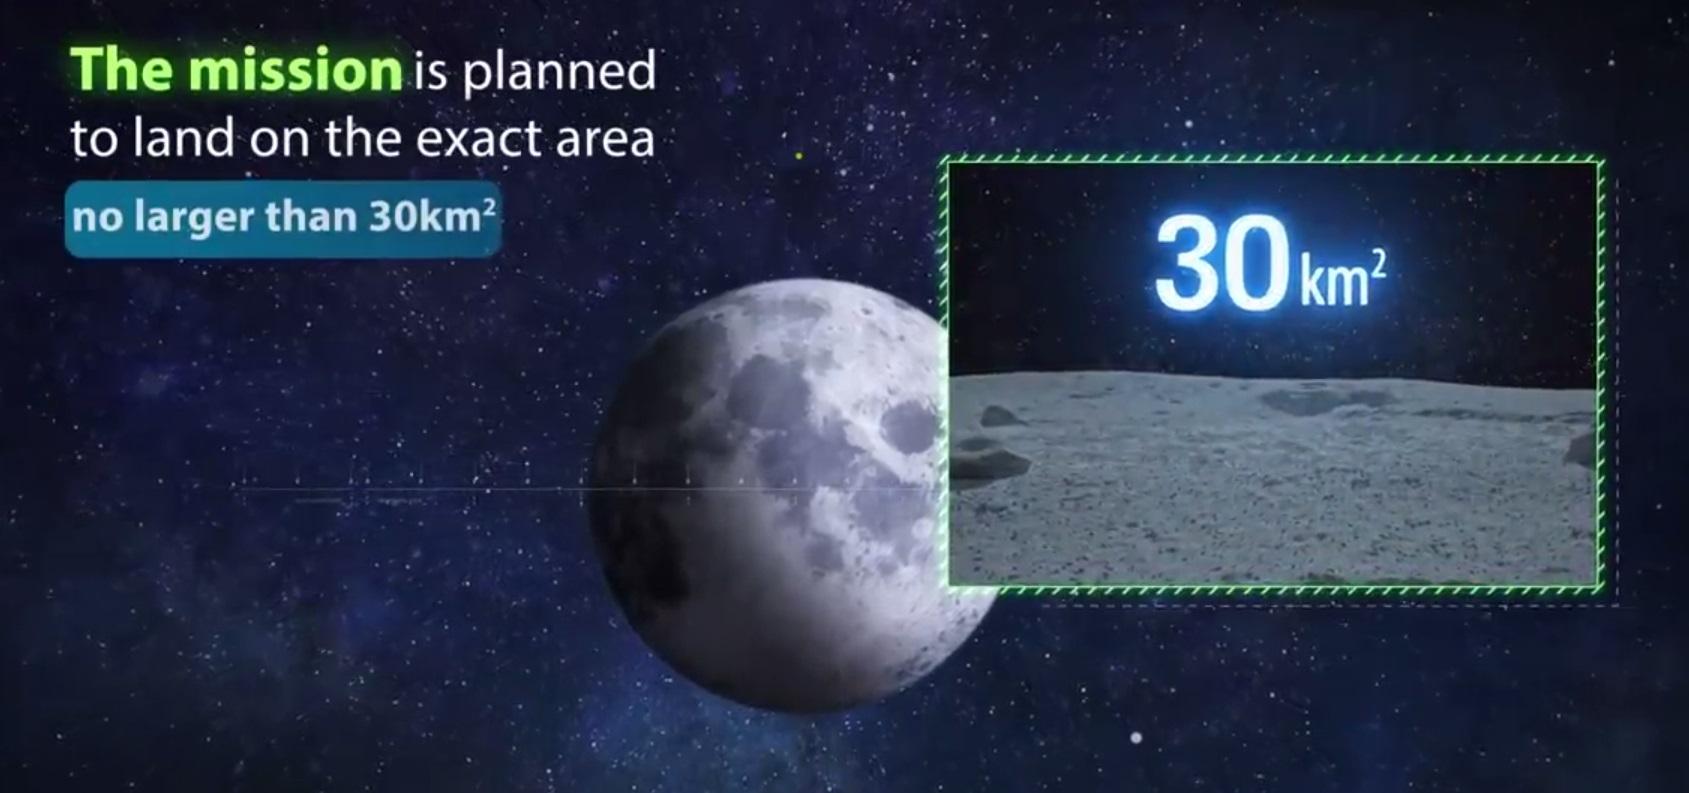 Лунная миссия «Берешит» – характеристики аппарата, серия маневров и самый длинный путь на Луну - 23